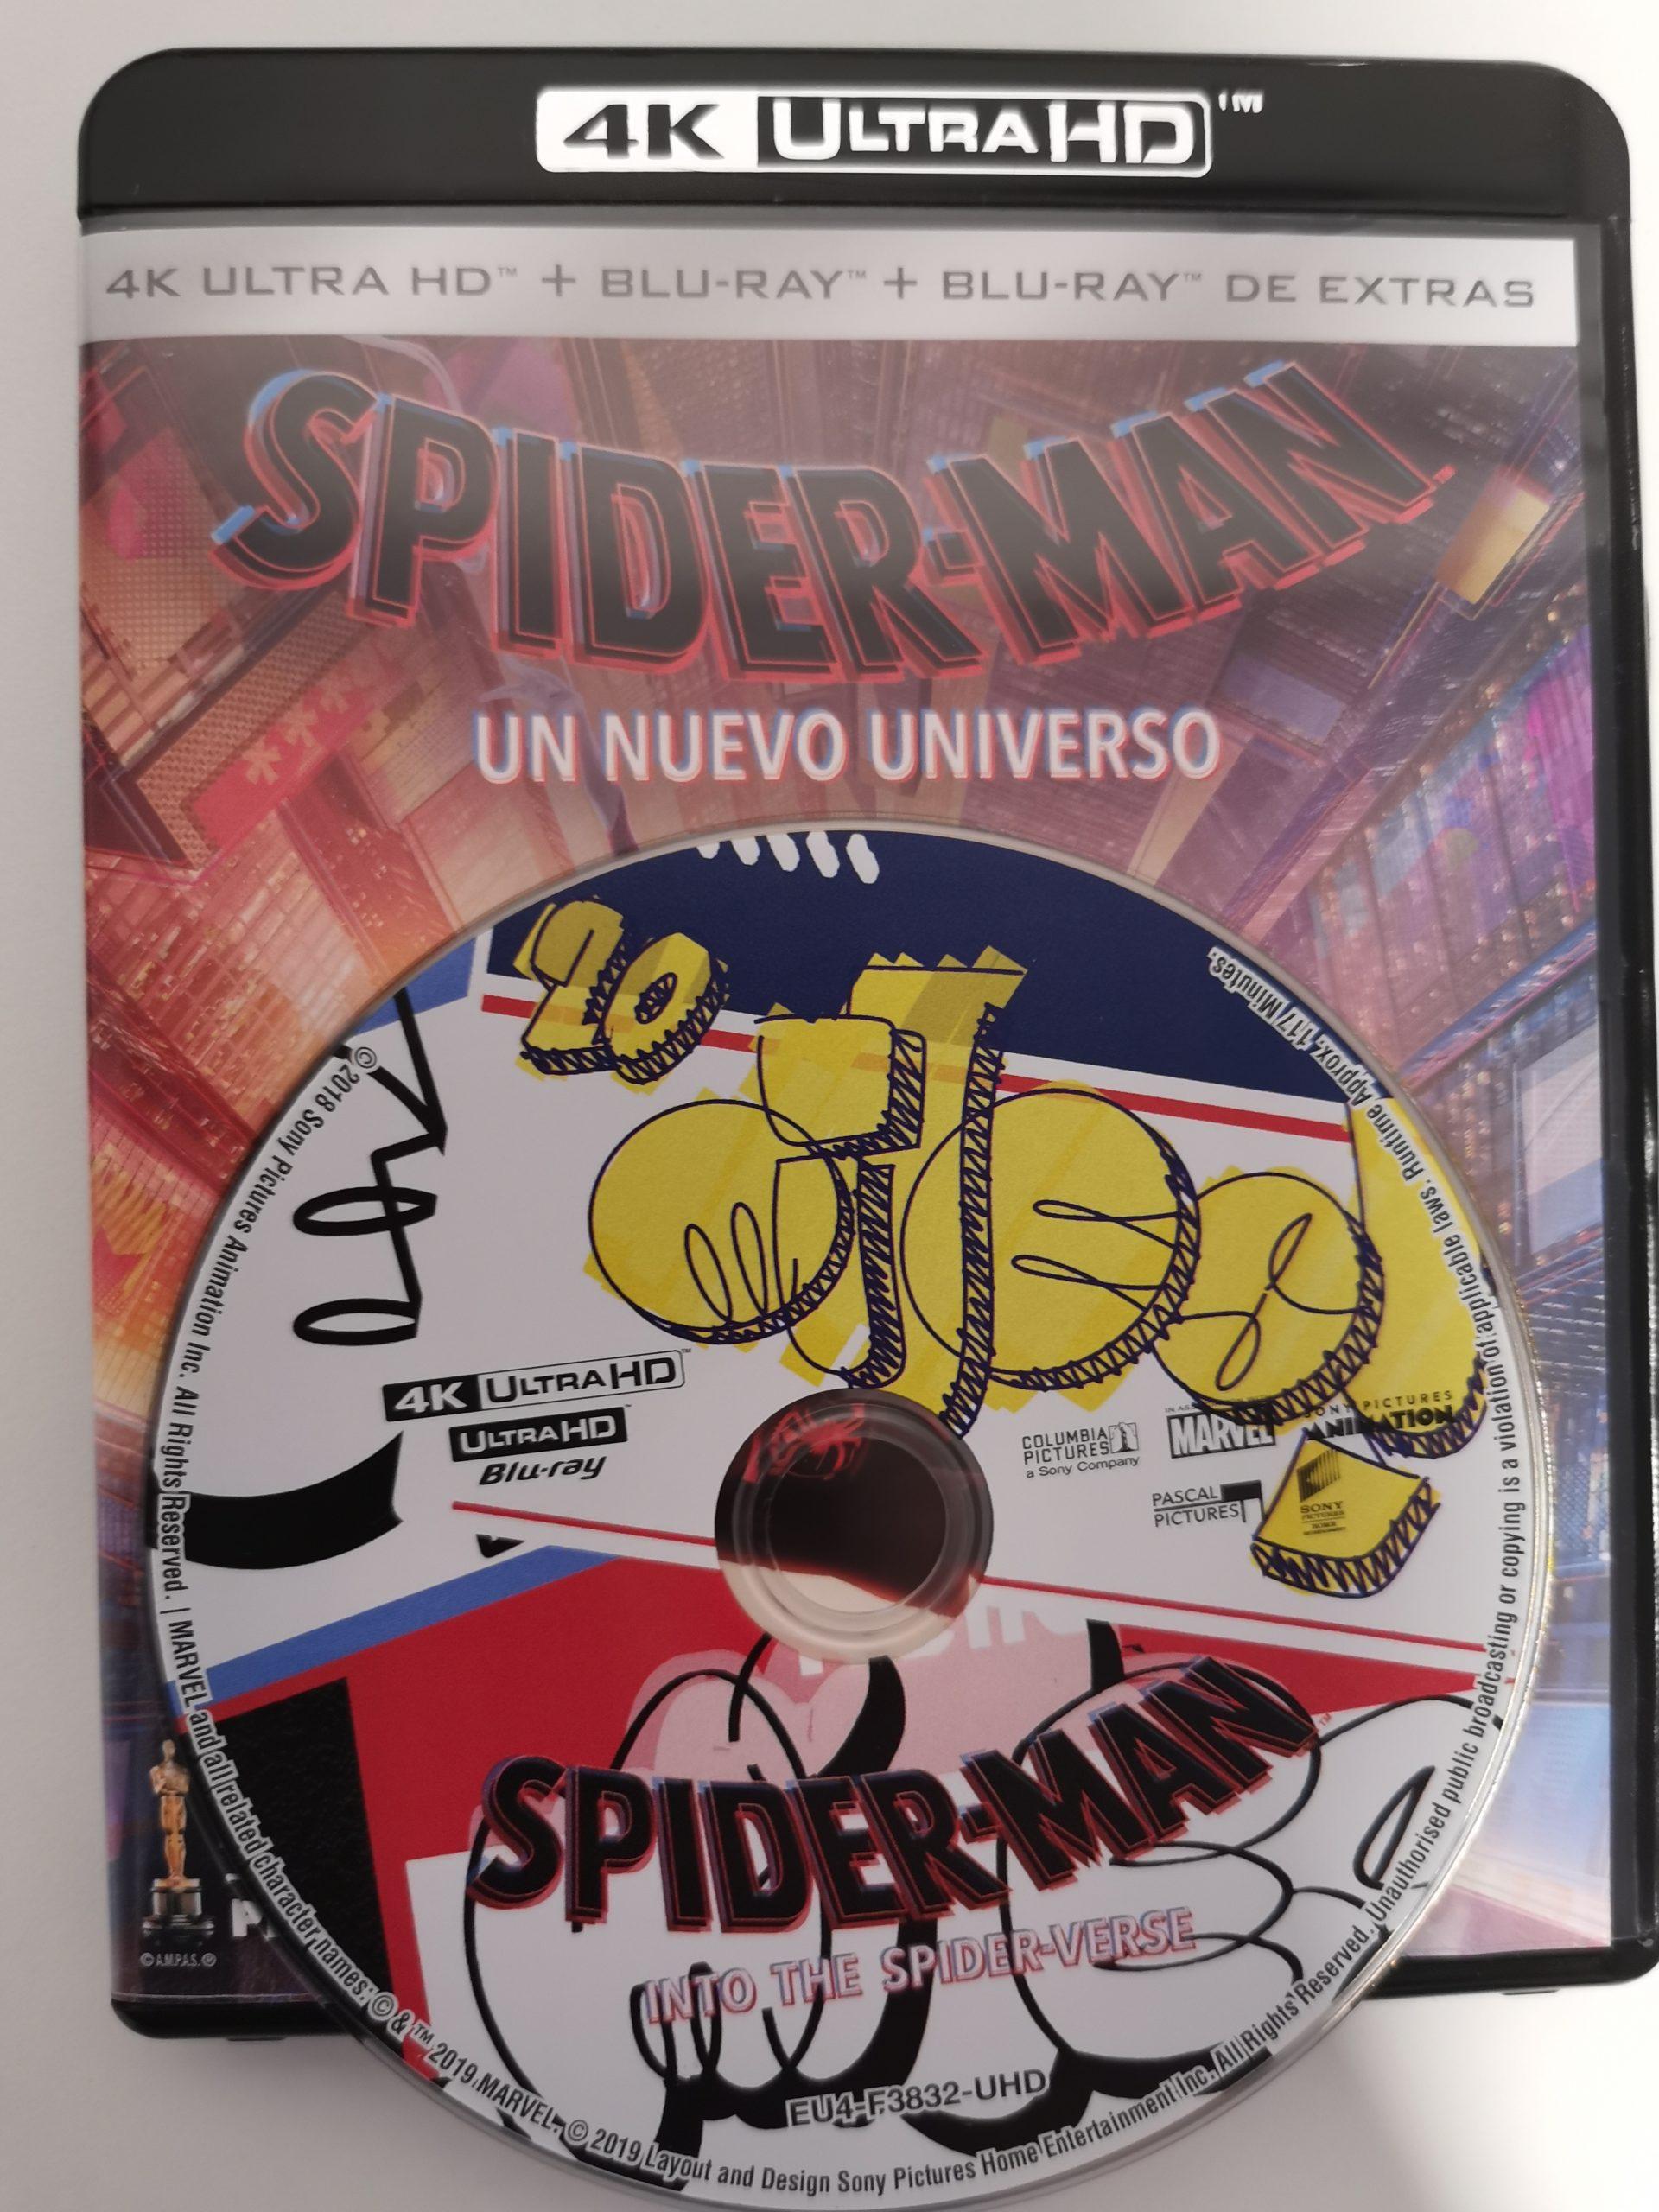 Spider-Man Un nuevo universo disco portada